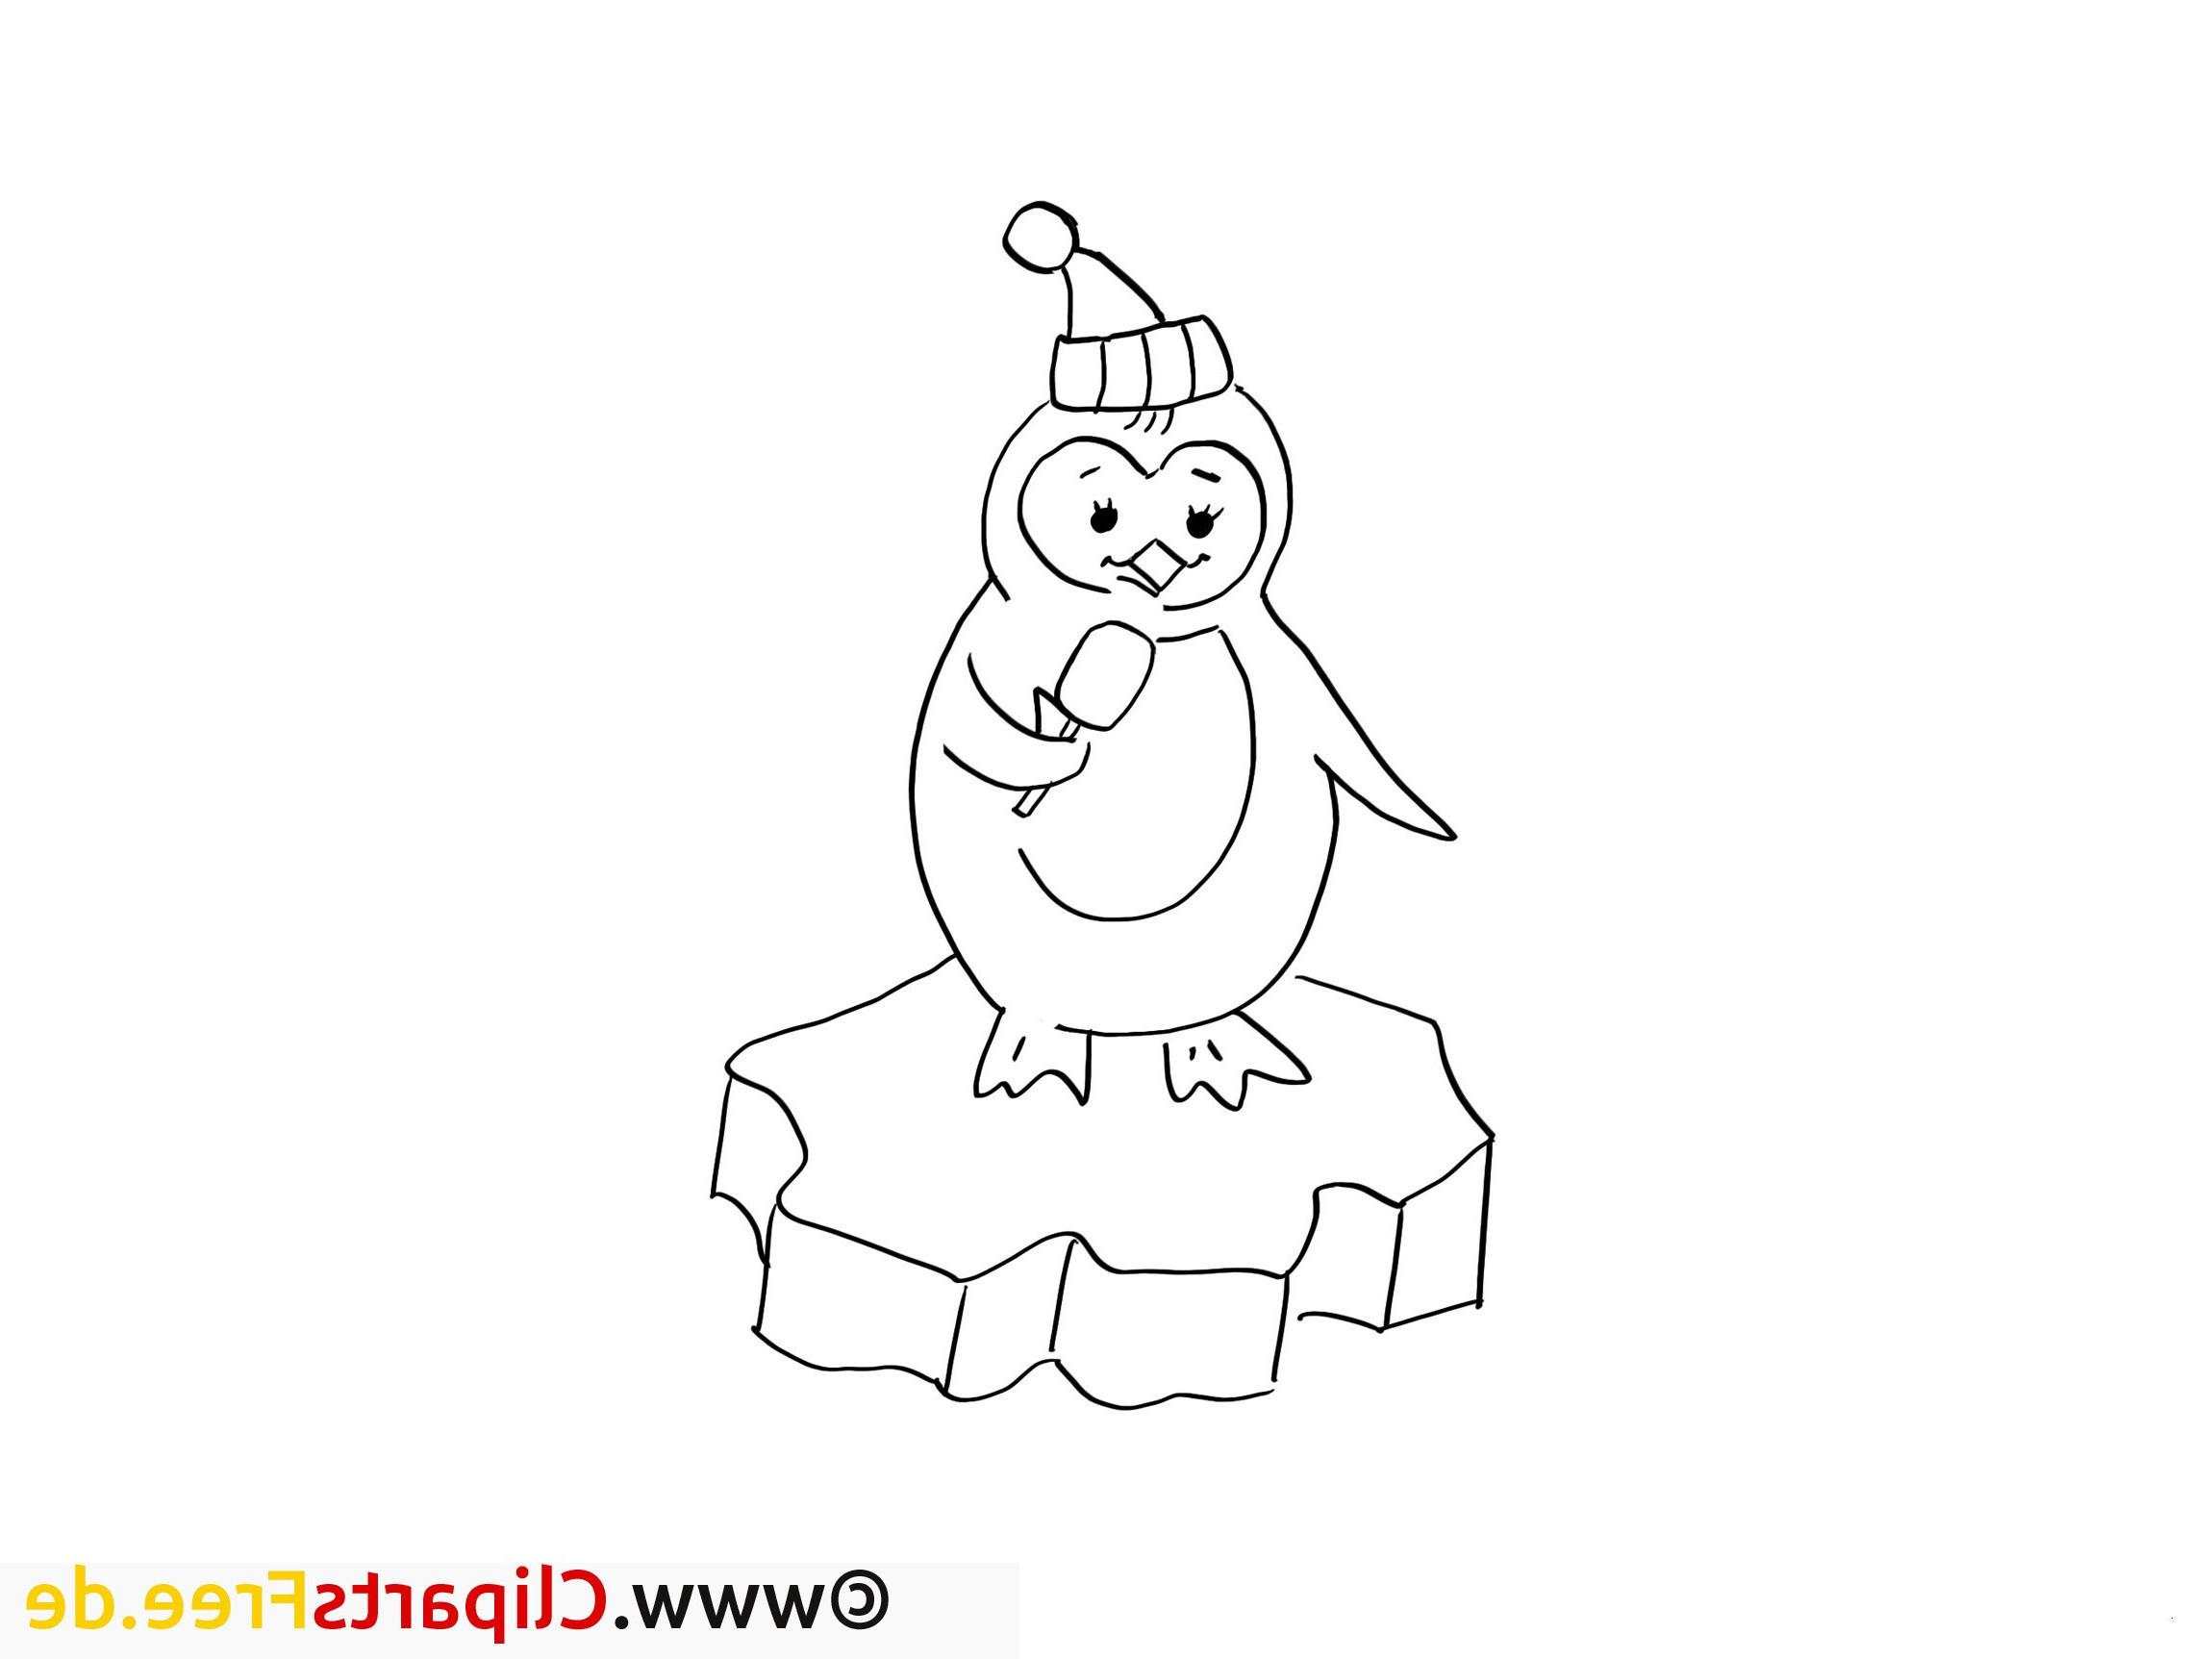 Ausmalbilder Weihnachten Rudolph Genial Rentier Vorlage Inspirierend Pinguin Vorlage Zum Ausmalen Stock